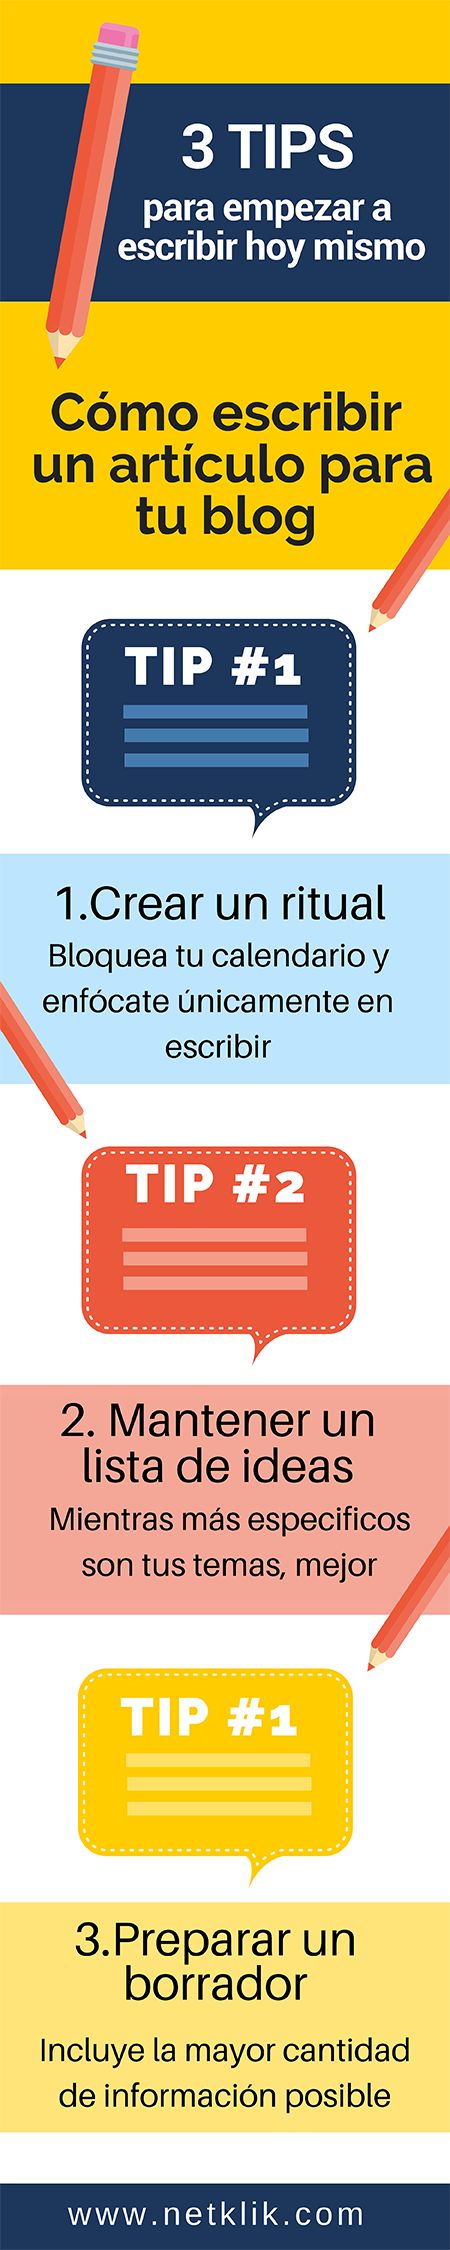 Cómo escribir un artículo para tu blog, descubre 3 tips para dejar de procrastinar y empezar a escribir hoy mismo!